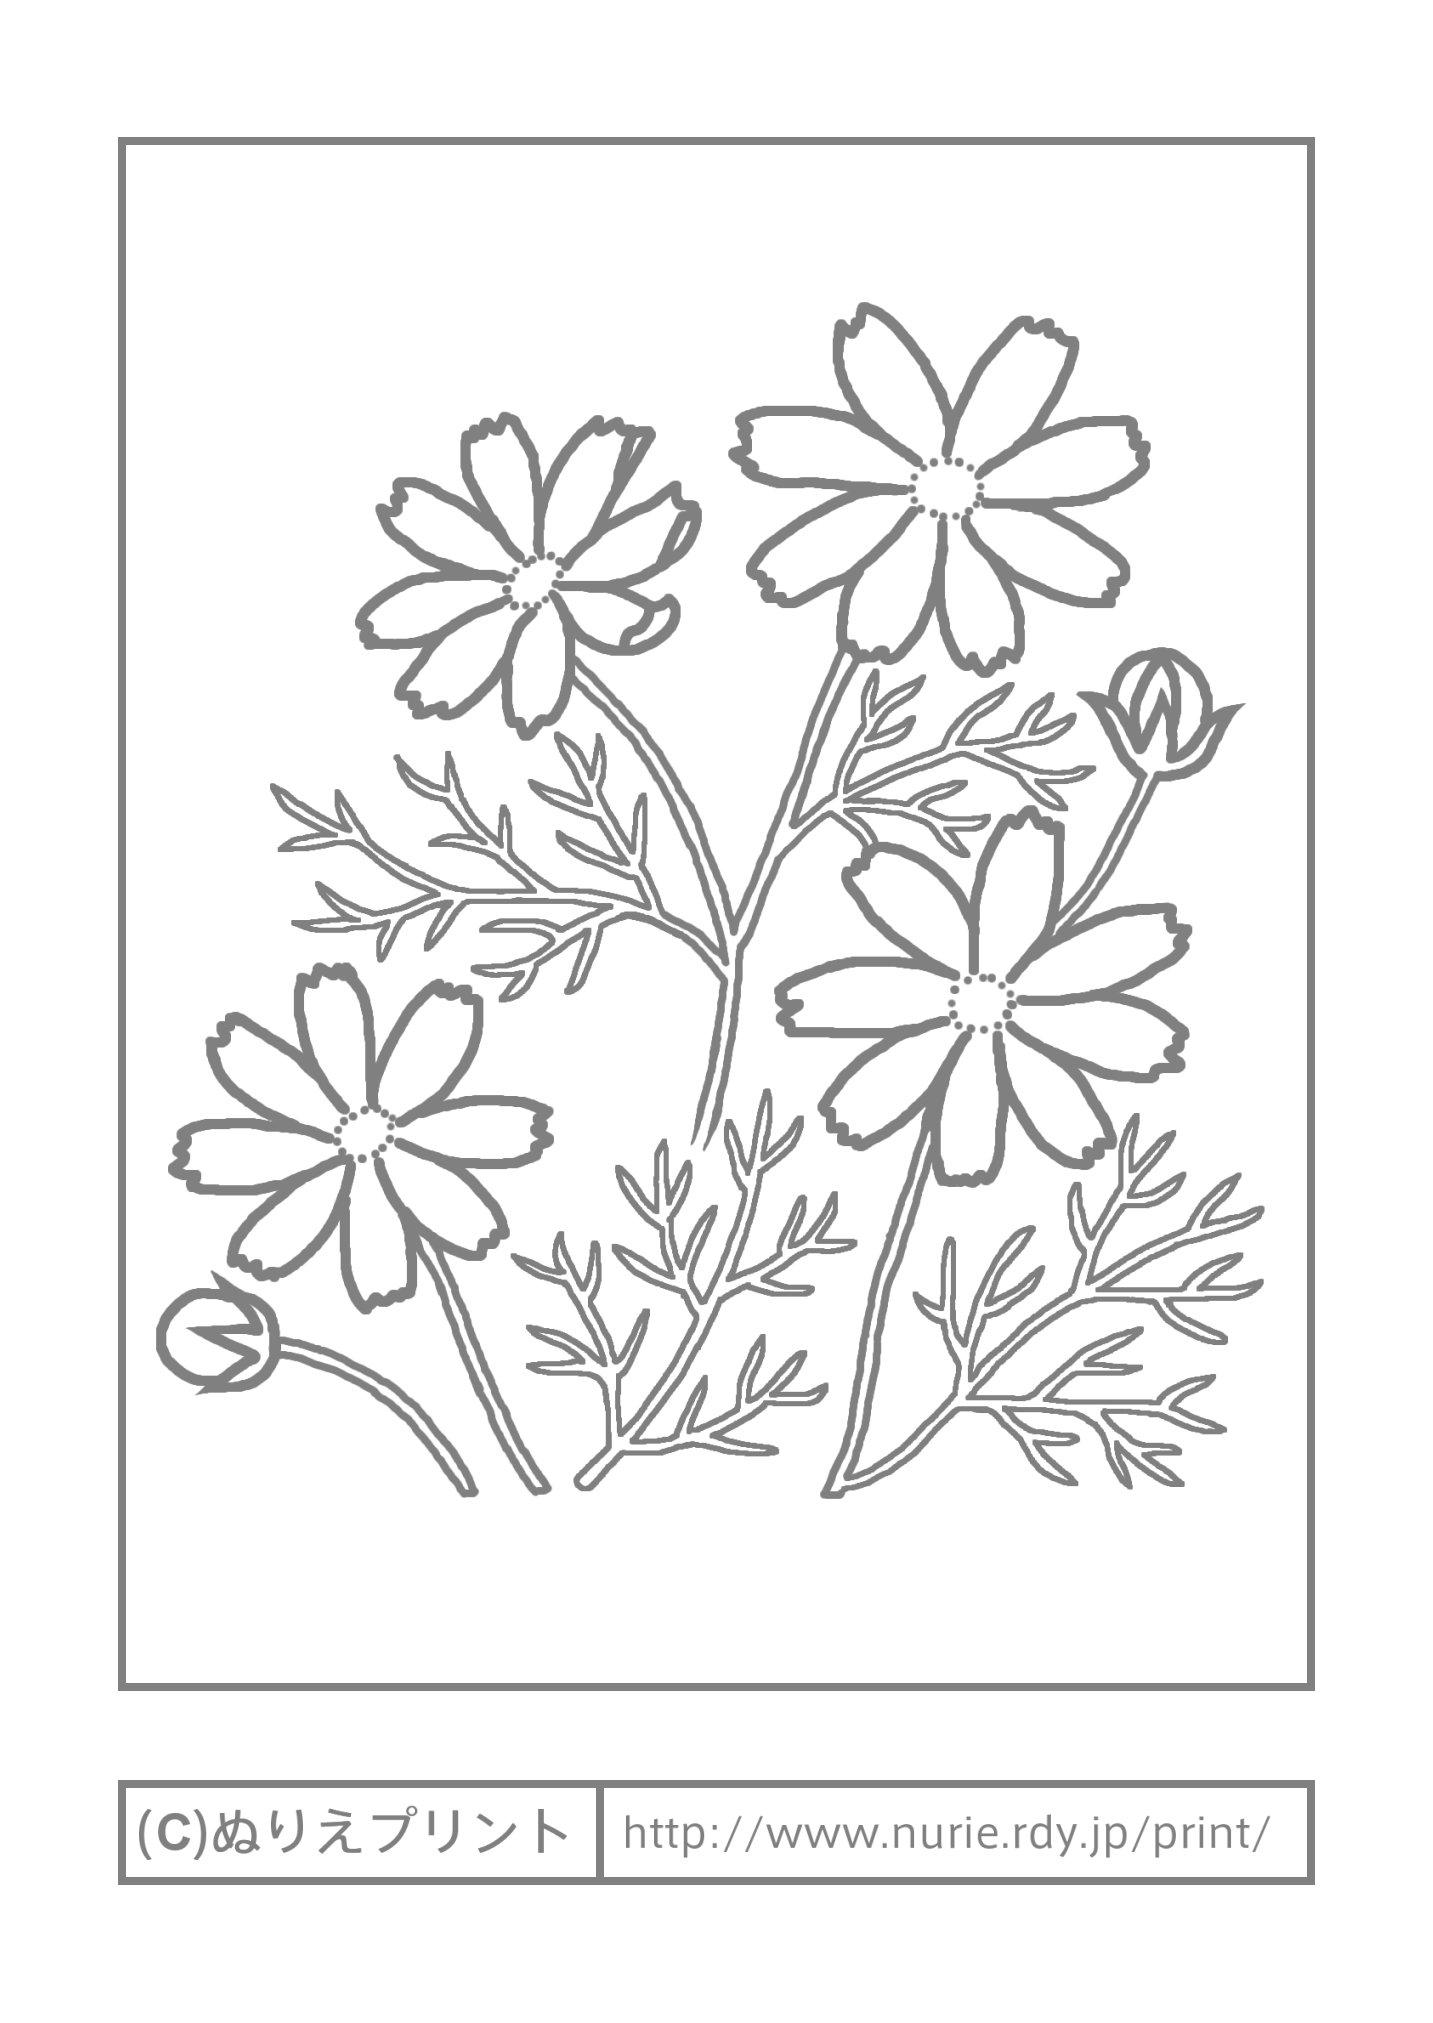 コスモス(主線・グレー)/秋の花/無料塗り絵イラスト【ぬりえプリント】